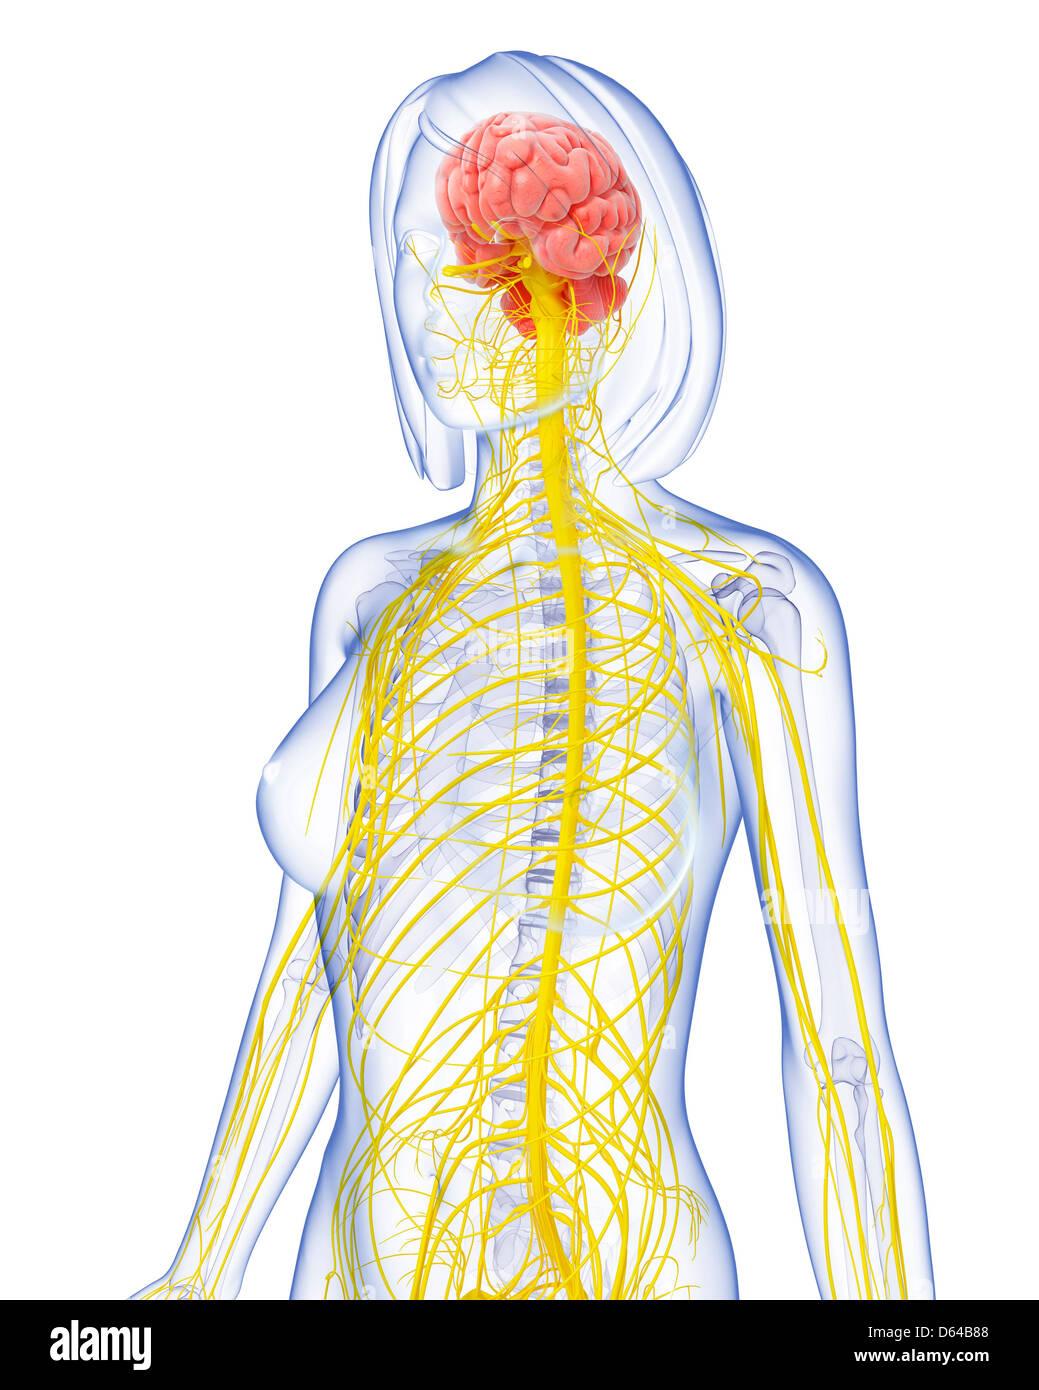 Ziemlich Weibliche Fortpflanzungssystem Anatomie Diagramm Ideen ...